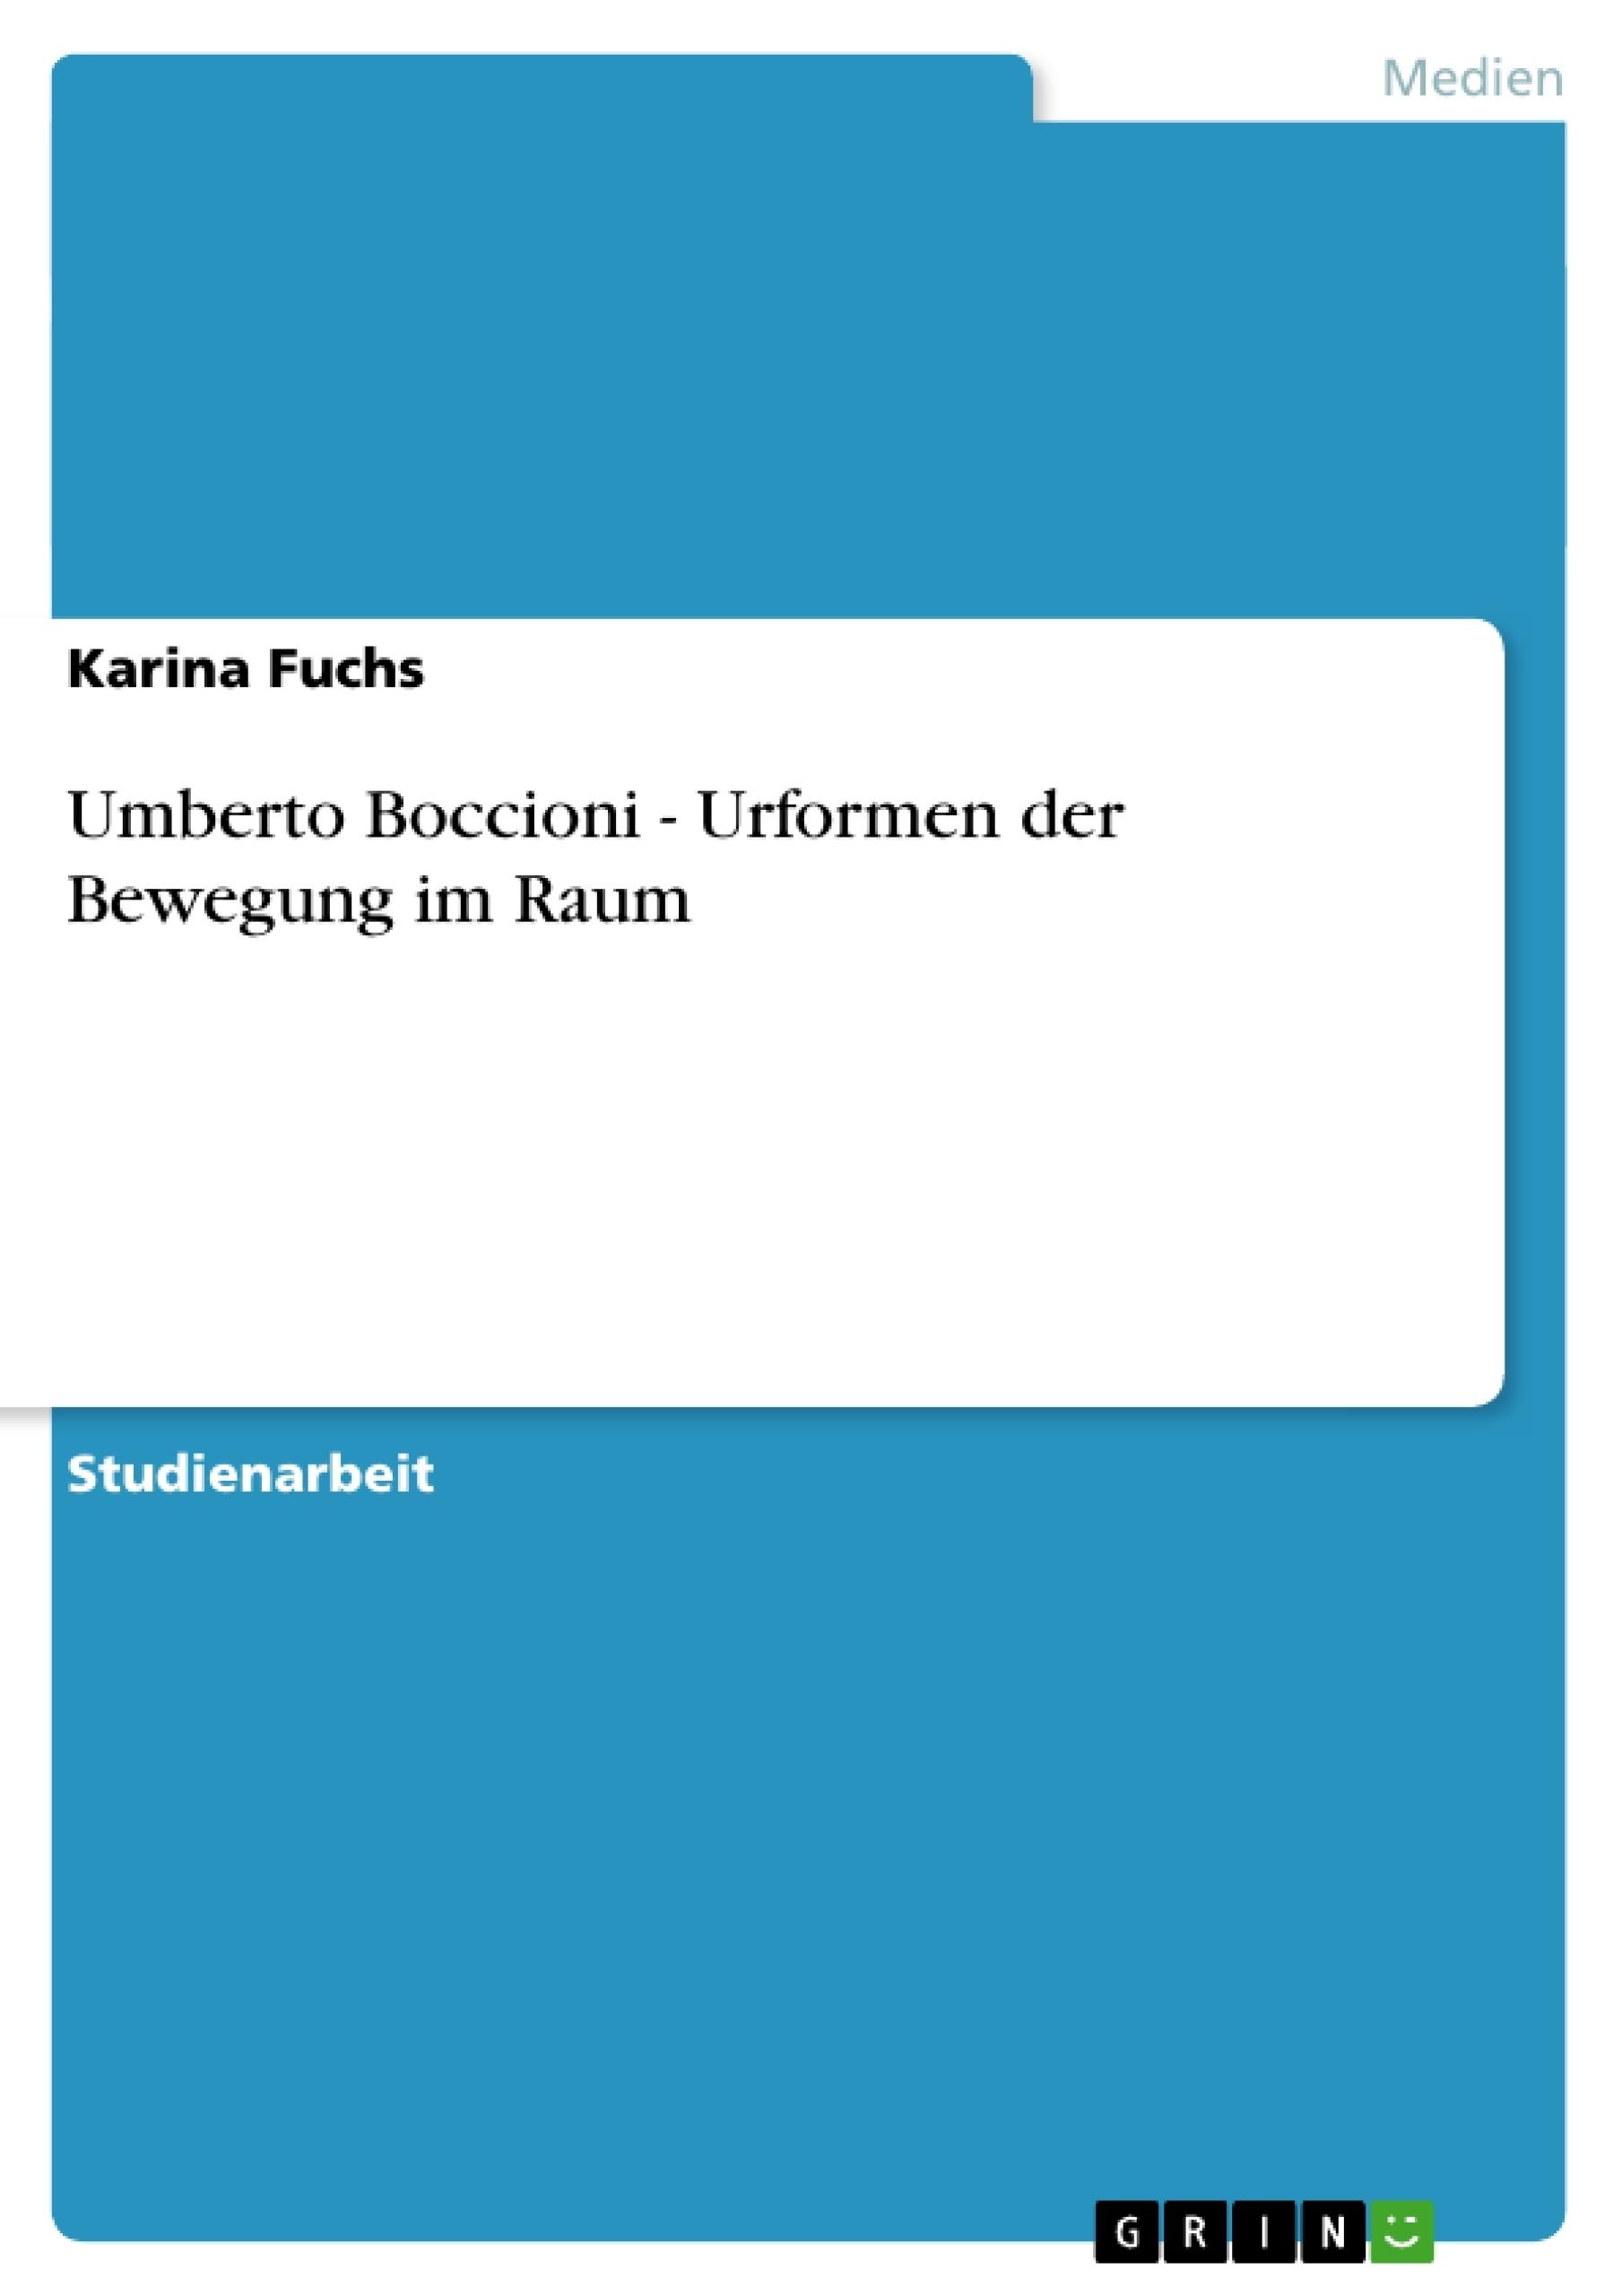 Titel: Umberto Boccioni - Urformen der Bewegung im Raum